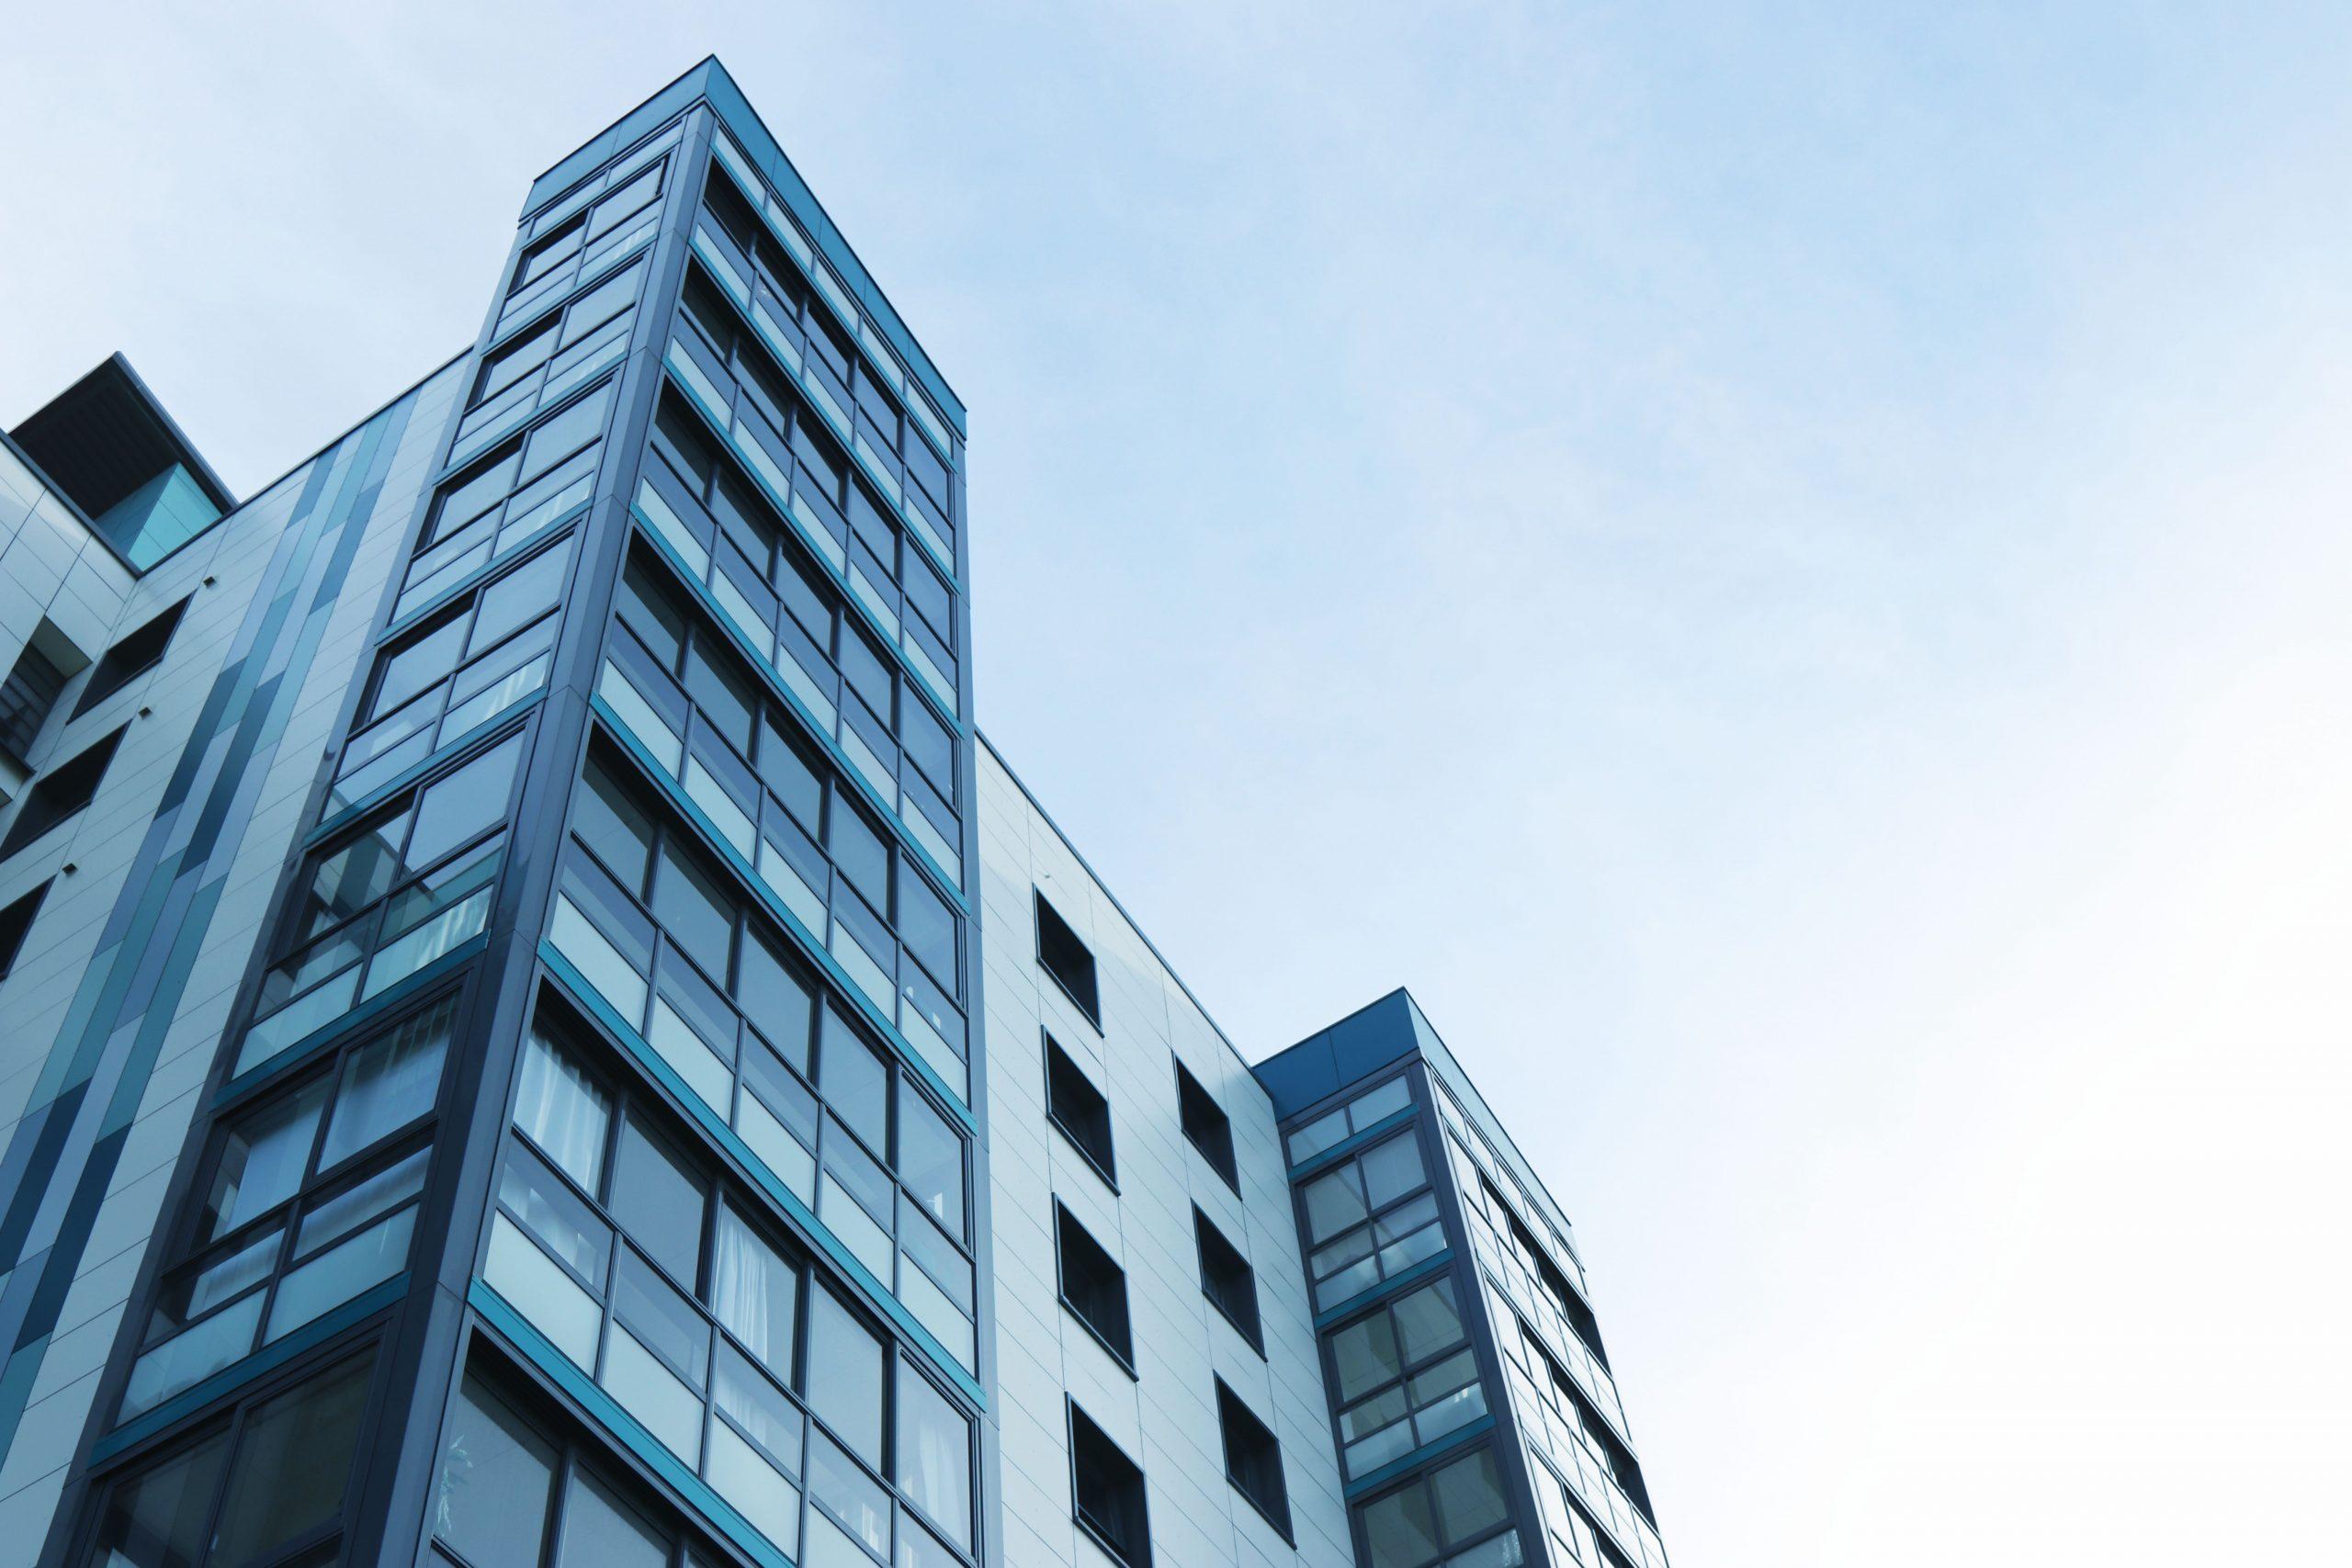 Image Skyscraper